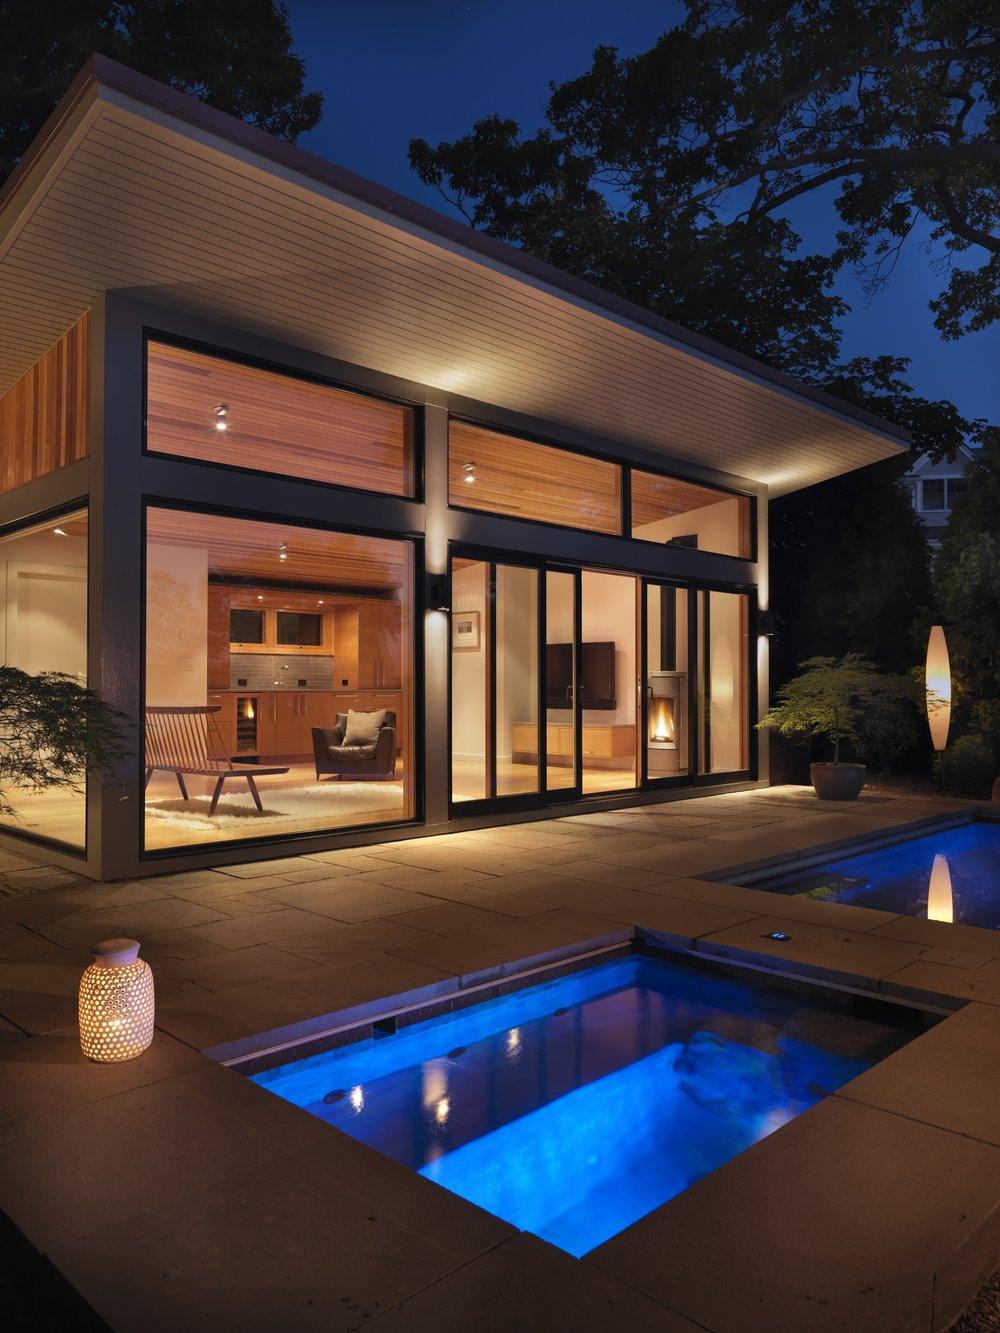 Loewen doors & windows + water=relaxation